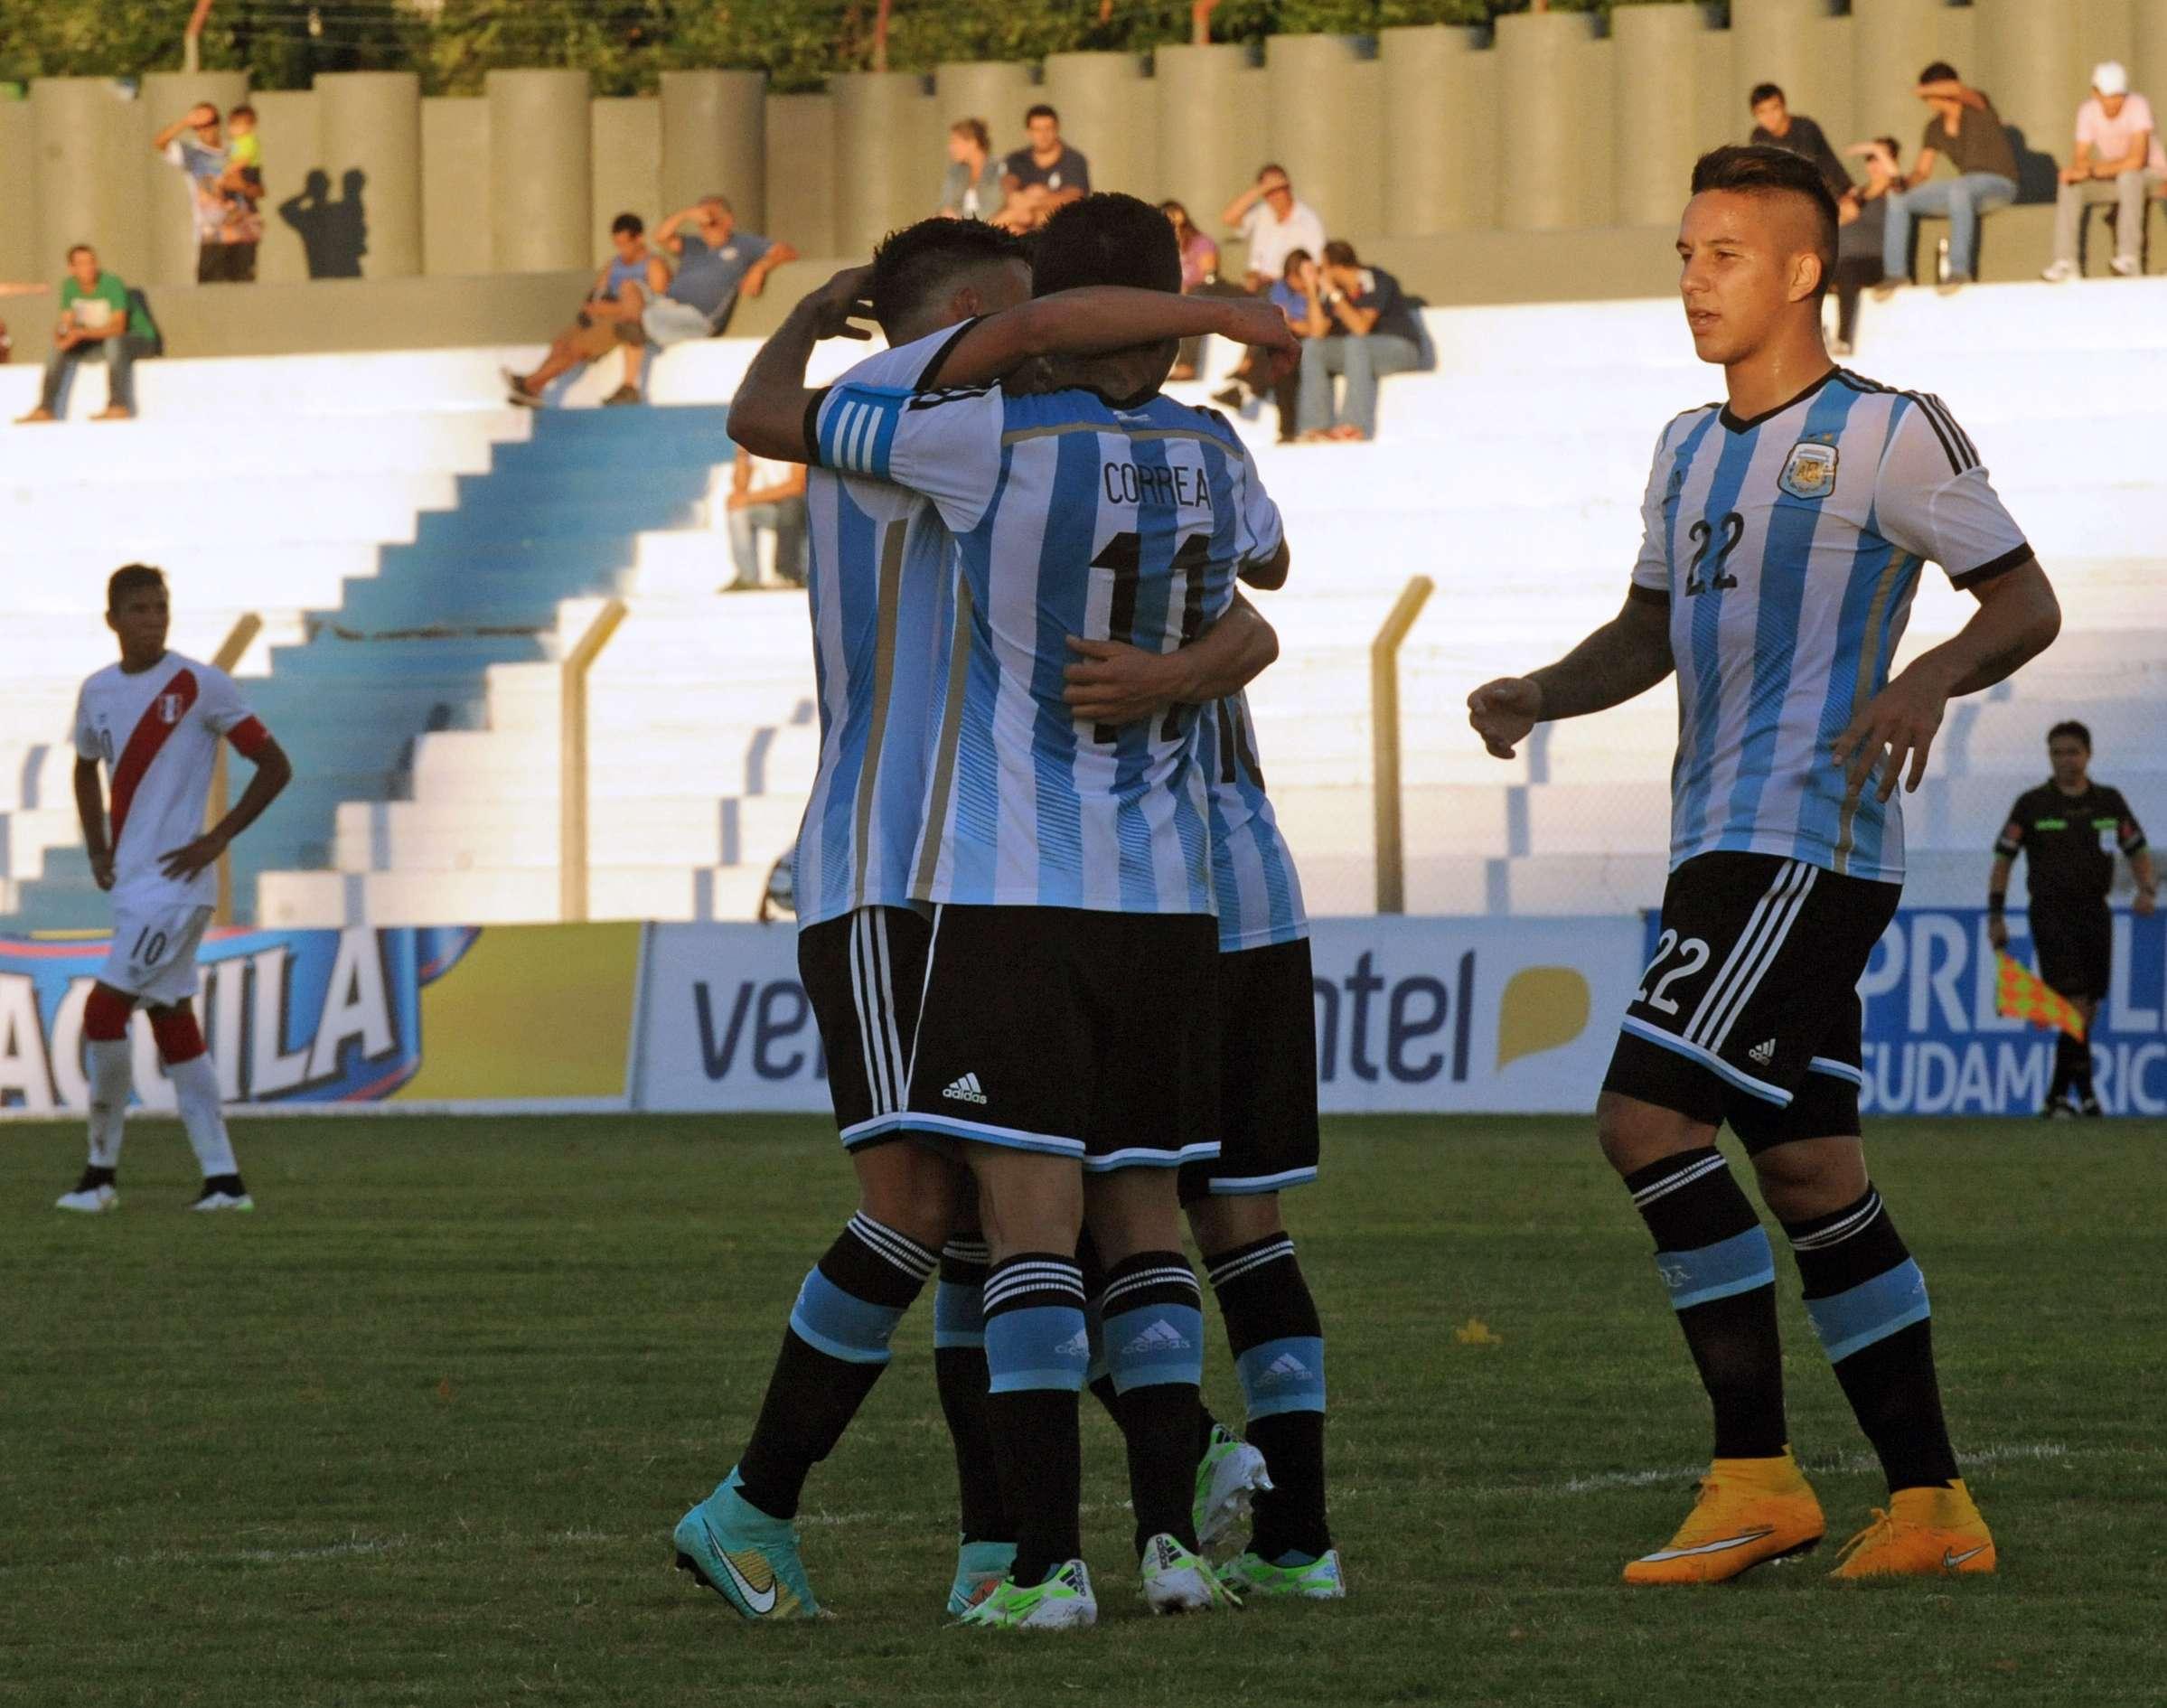 Argentina comemora gol de Ángel Correa, um dos seis que balançaram a rede do Peru na partida Foto: Miguel Rojo/AFP